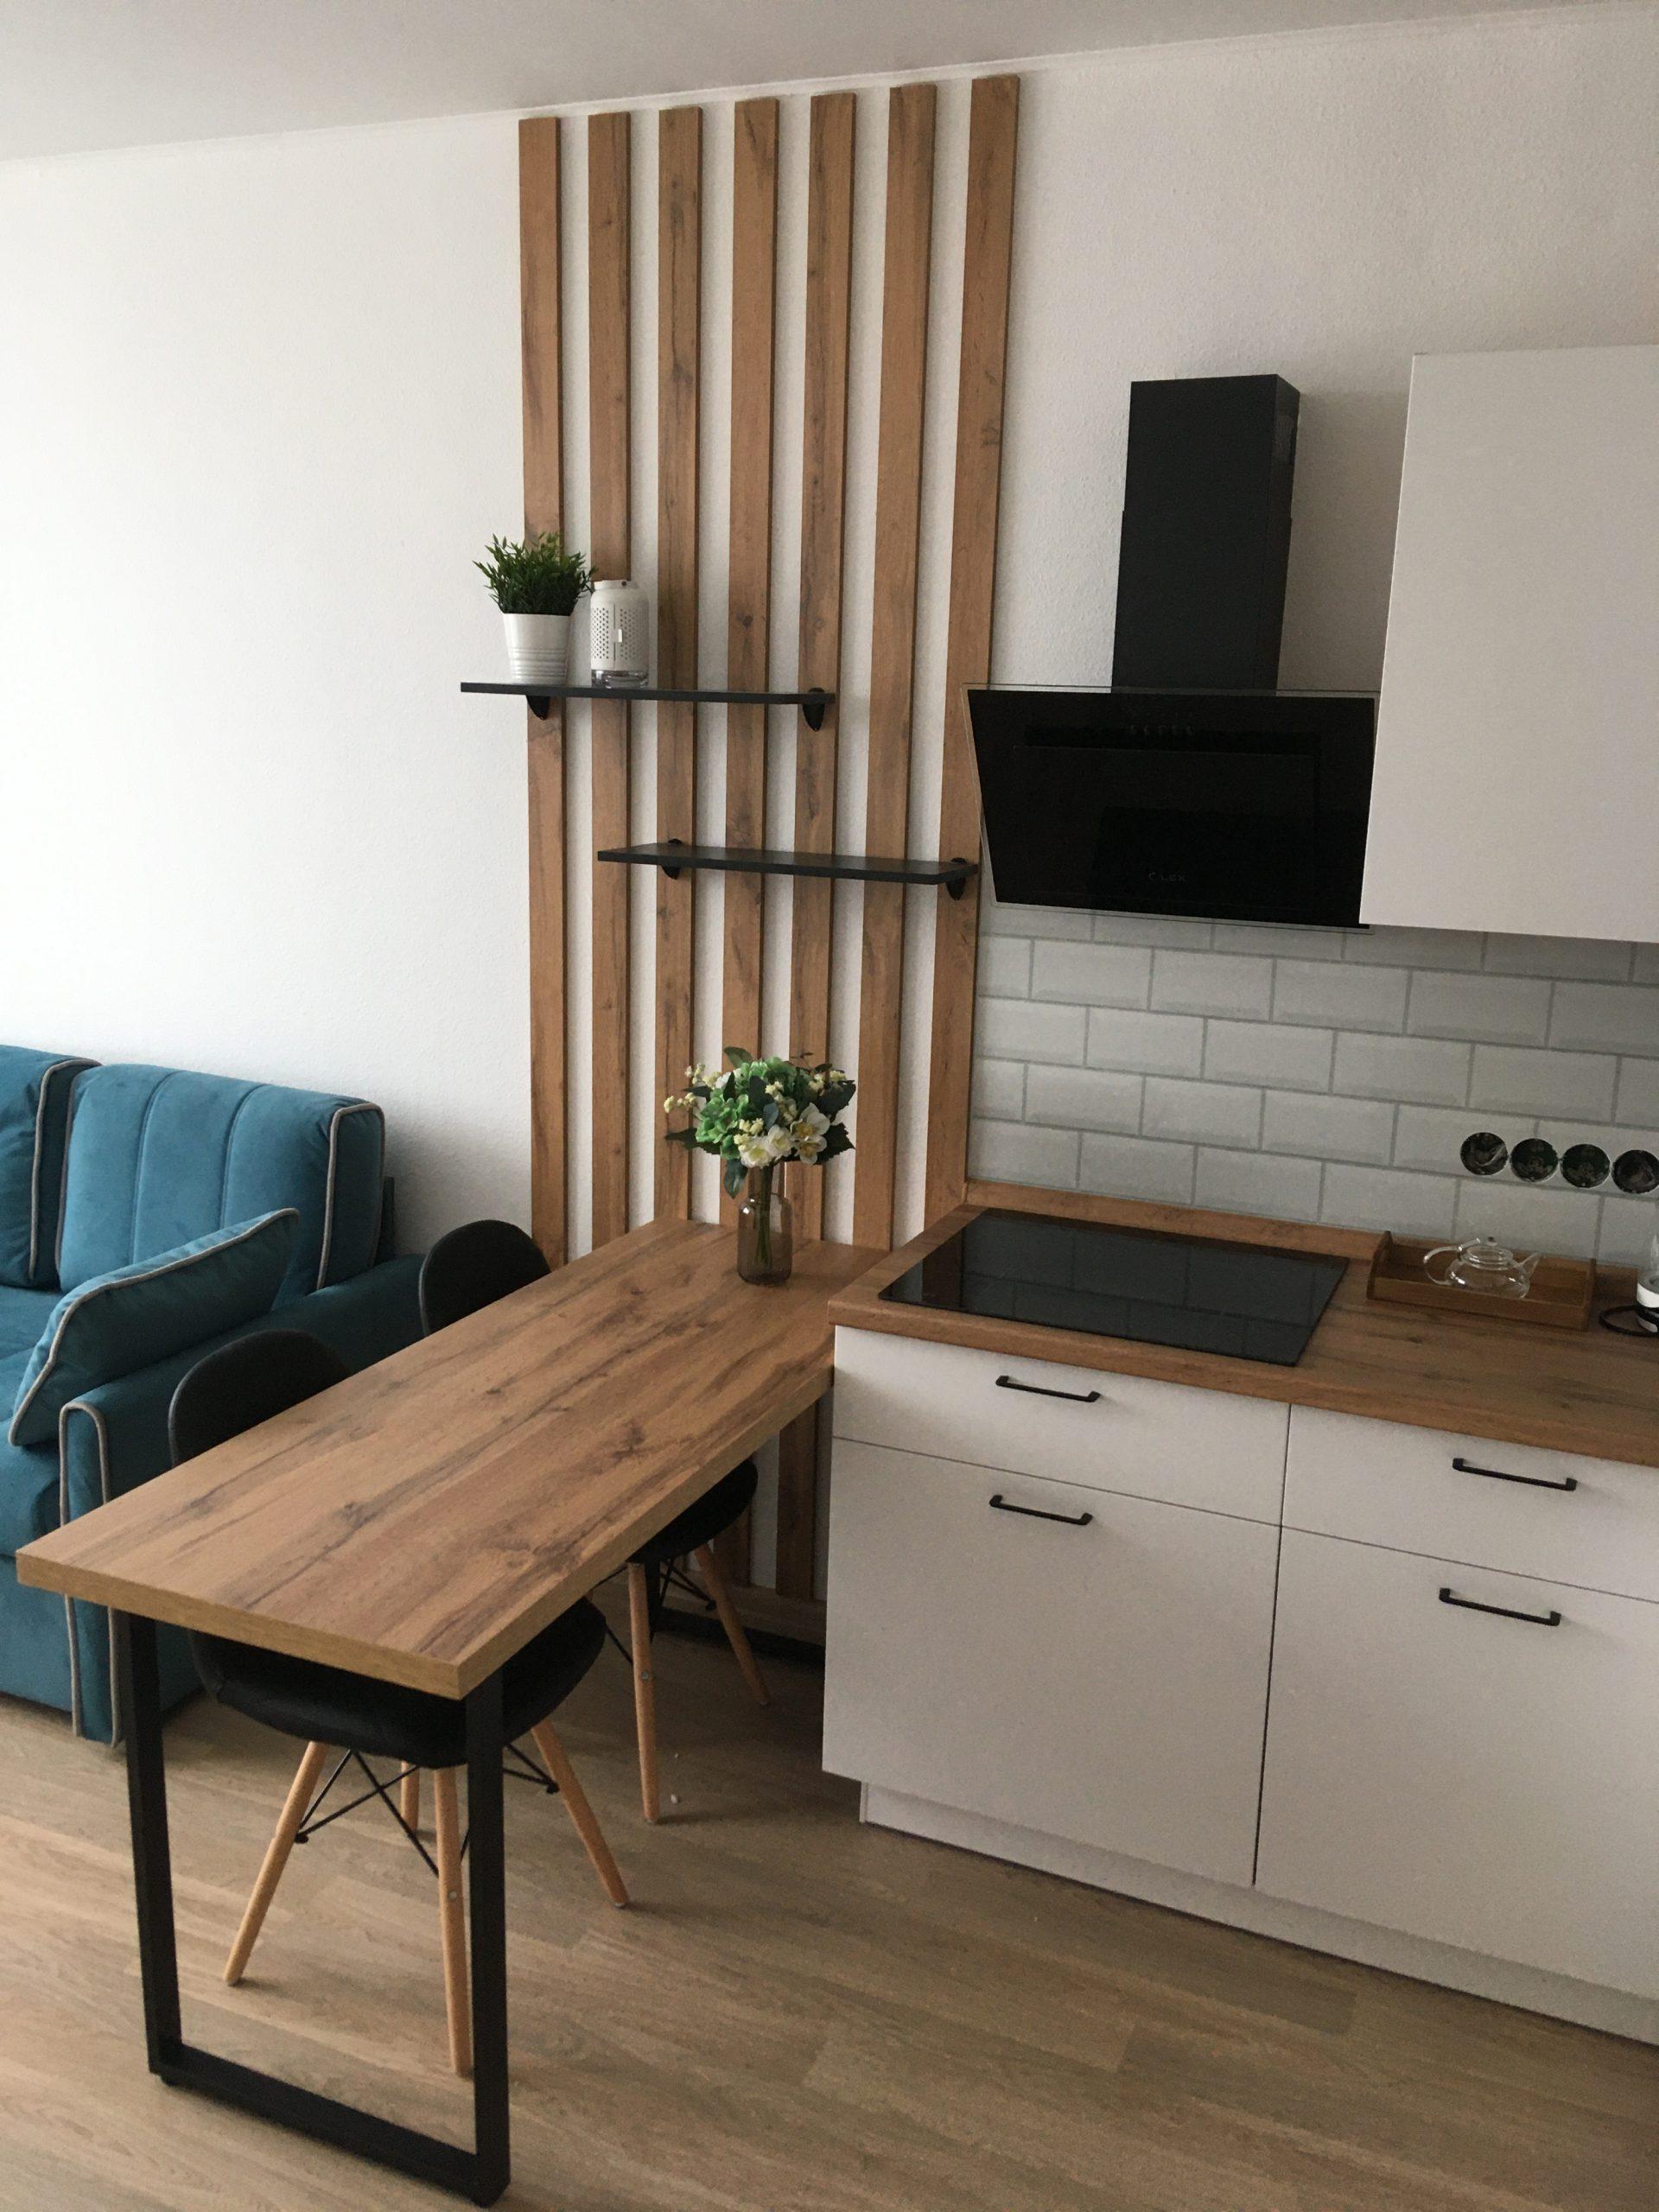 Третье фото Белая кухня с корпусами, декоративными рейками и столешницей под дерево